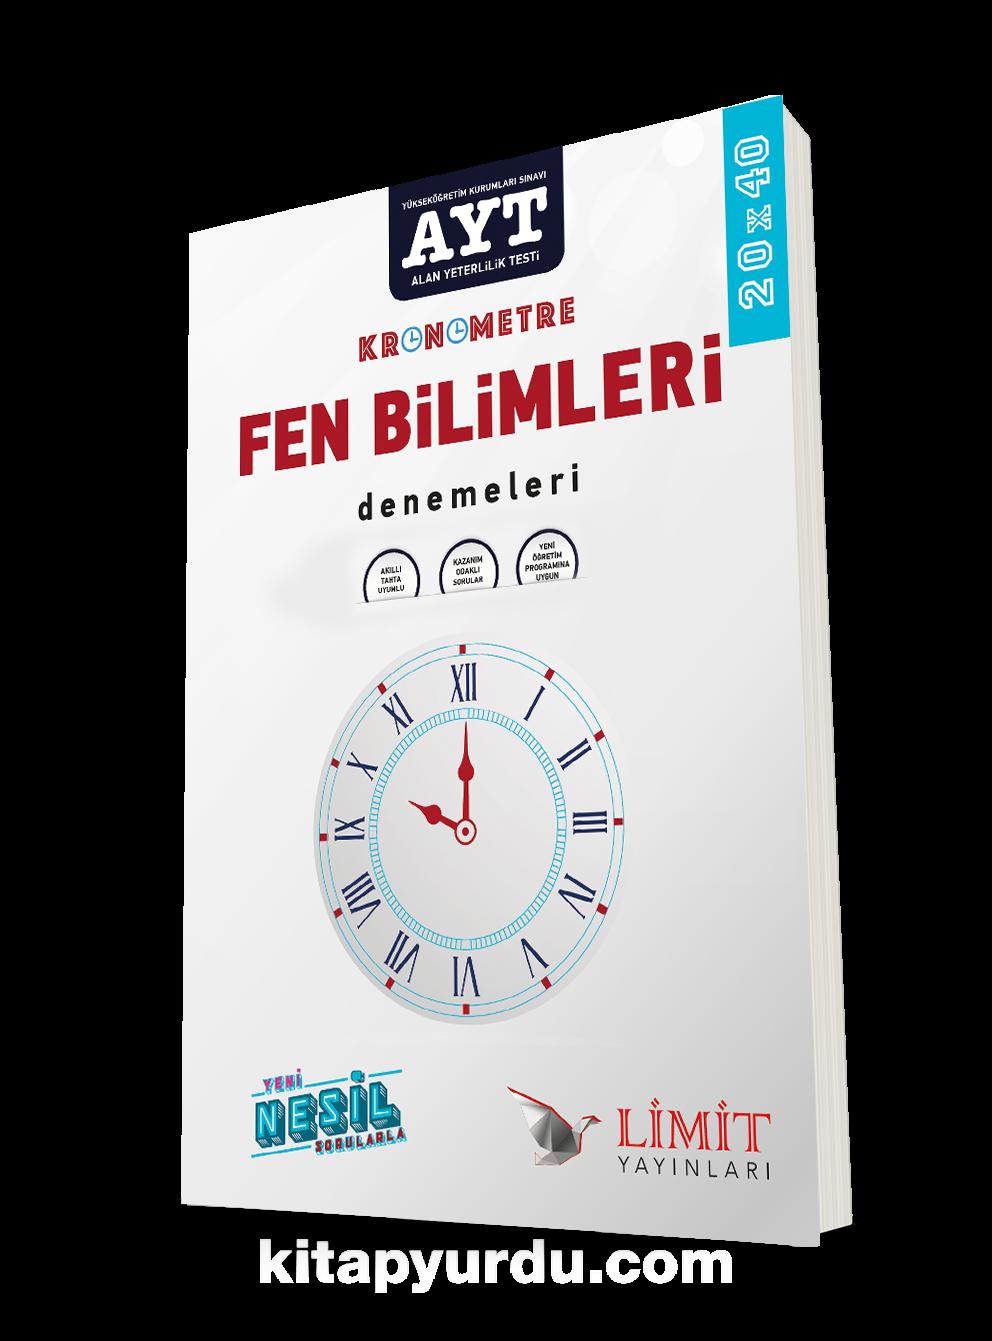 AYT Kronometre Fen Bilimleri Denemeleri PDF Kitap İndir